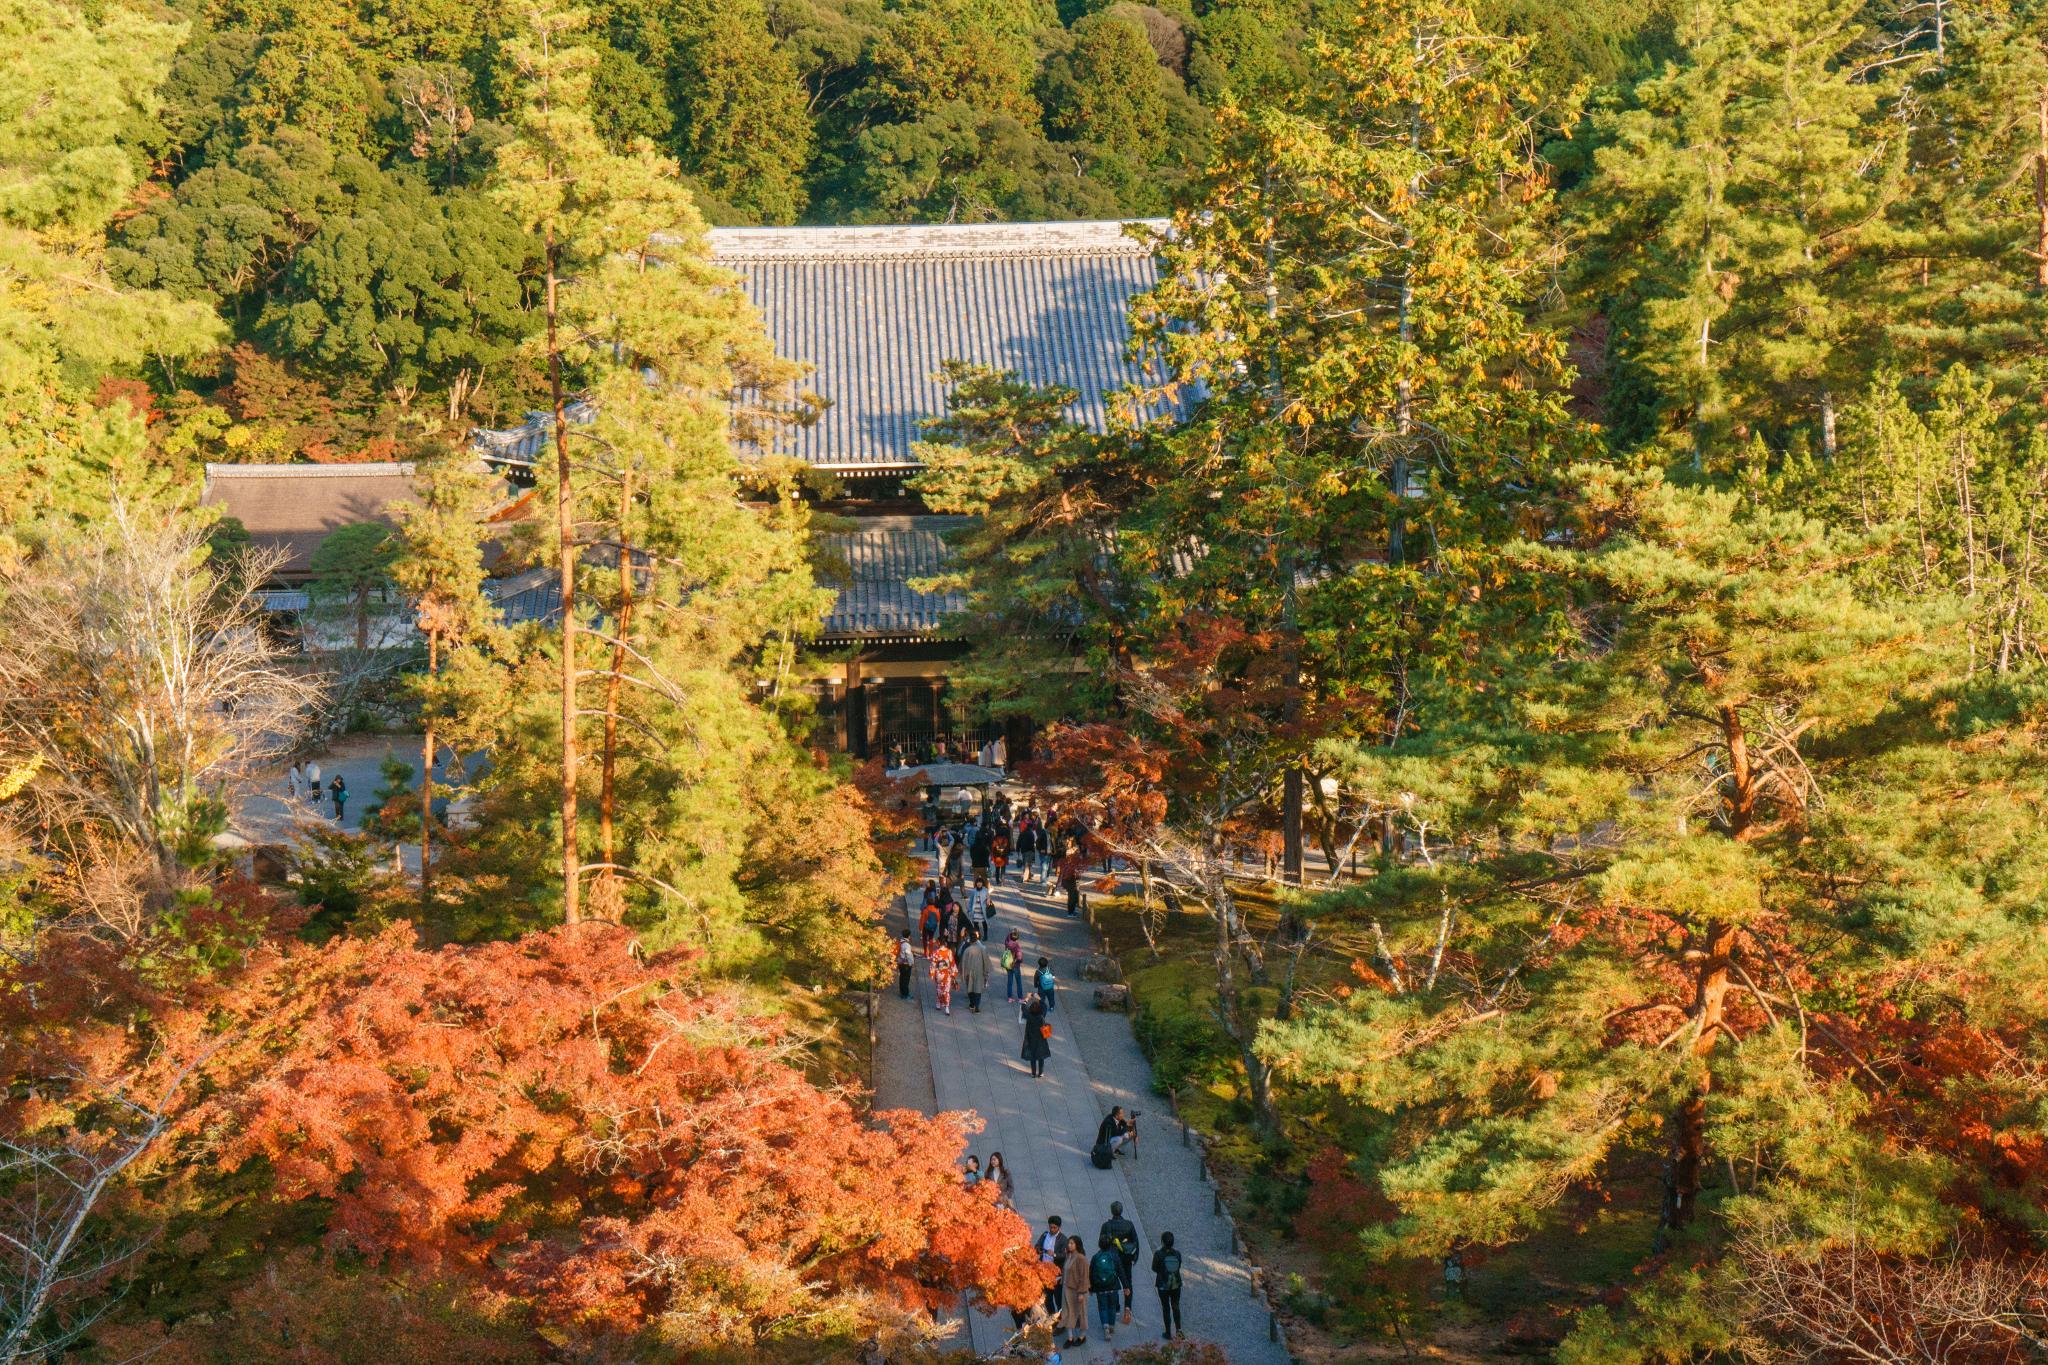 【京都】秋光葉影的古寺散策 - 南禪寺 96